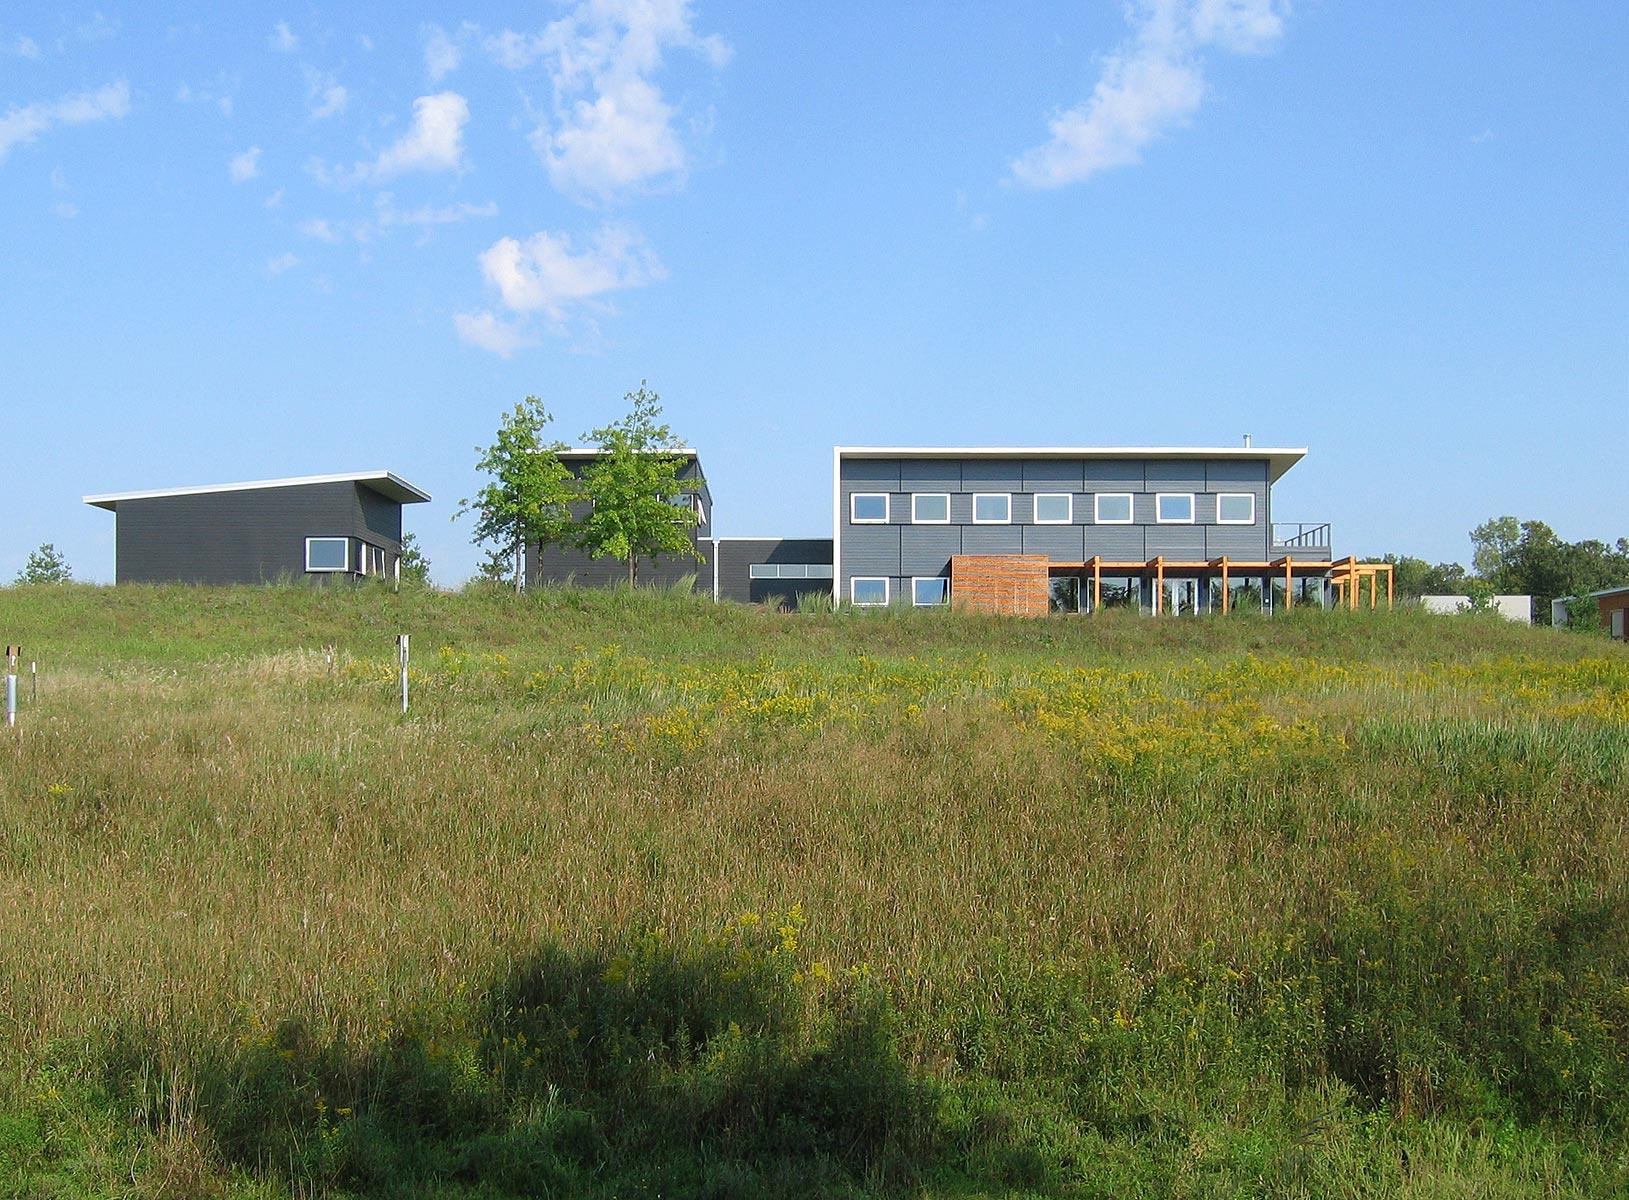 prairie-house-number2-Altus-20060908_003_adj.jpg